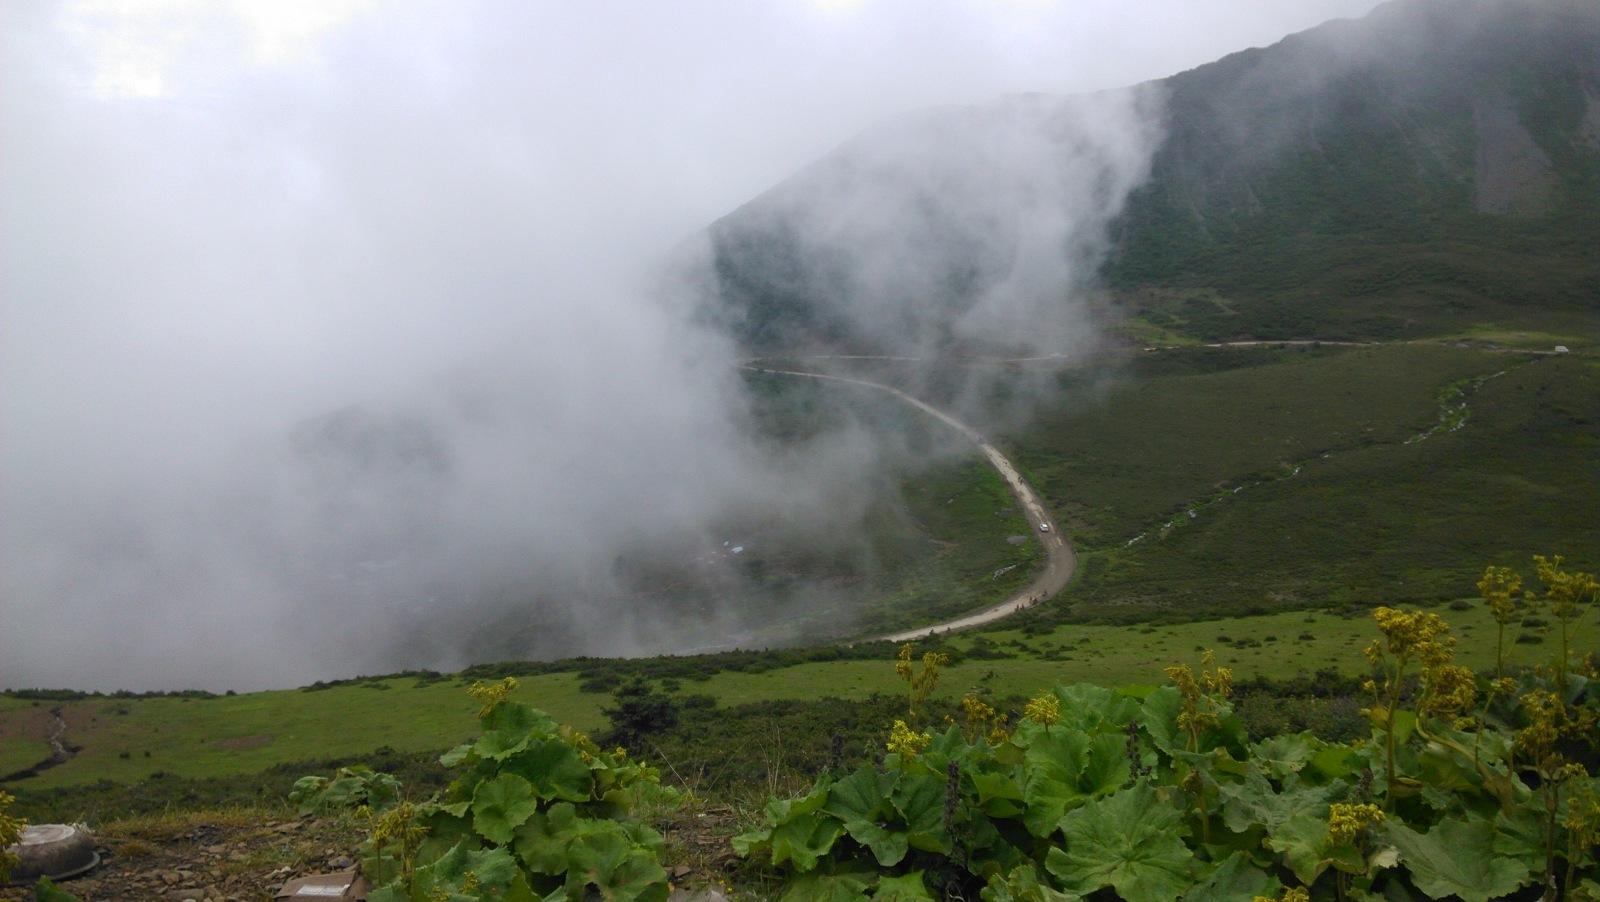 山上的路都是这样啦,车辆们纷纷冲破云雾,奔向山顶